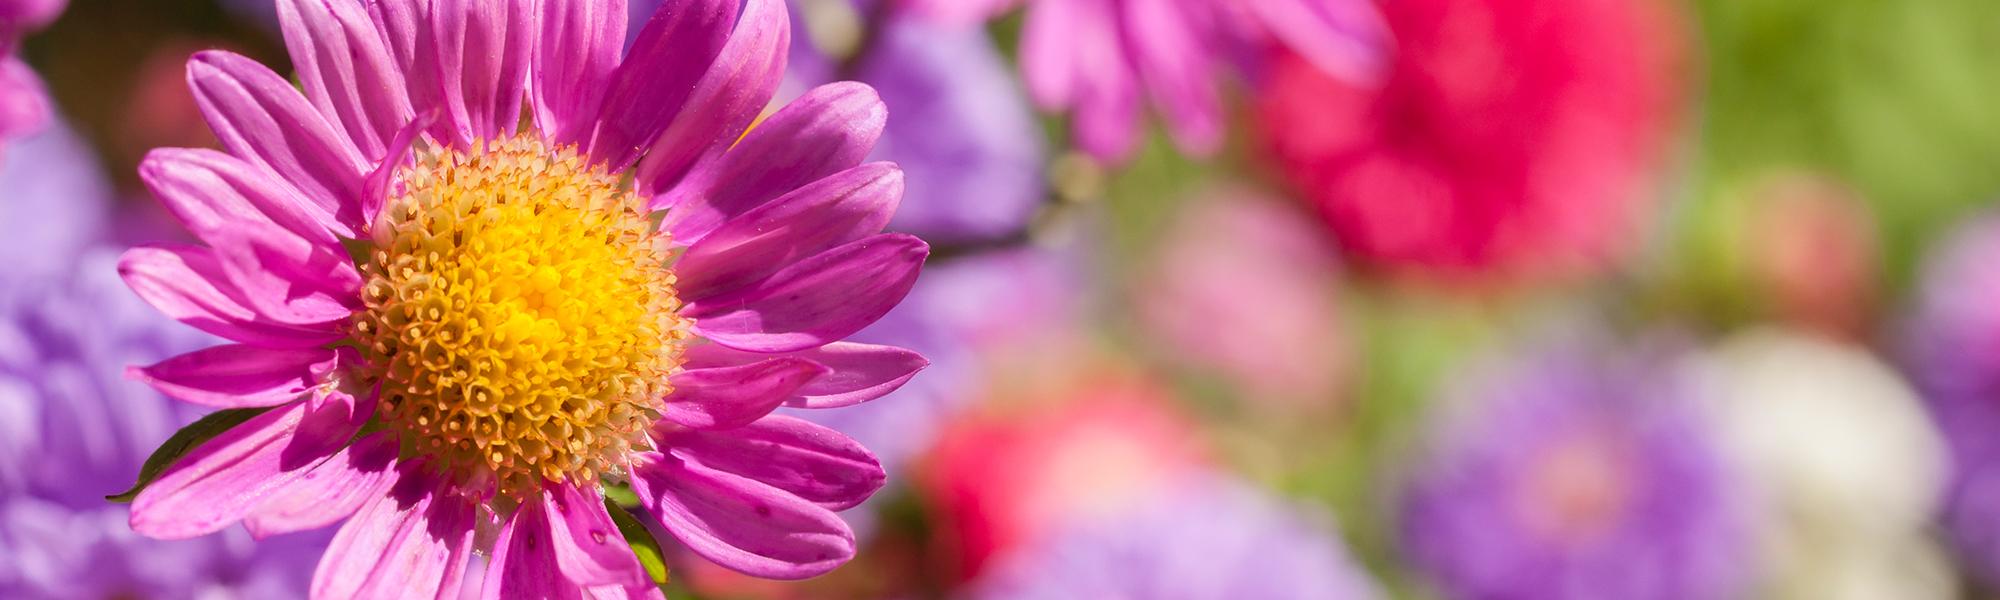 slider_pink_flower